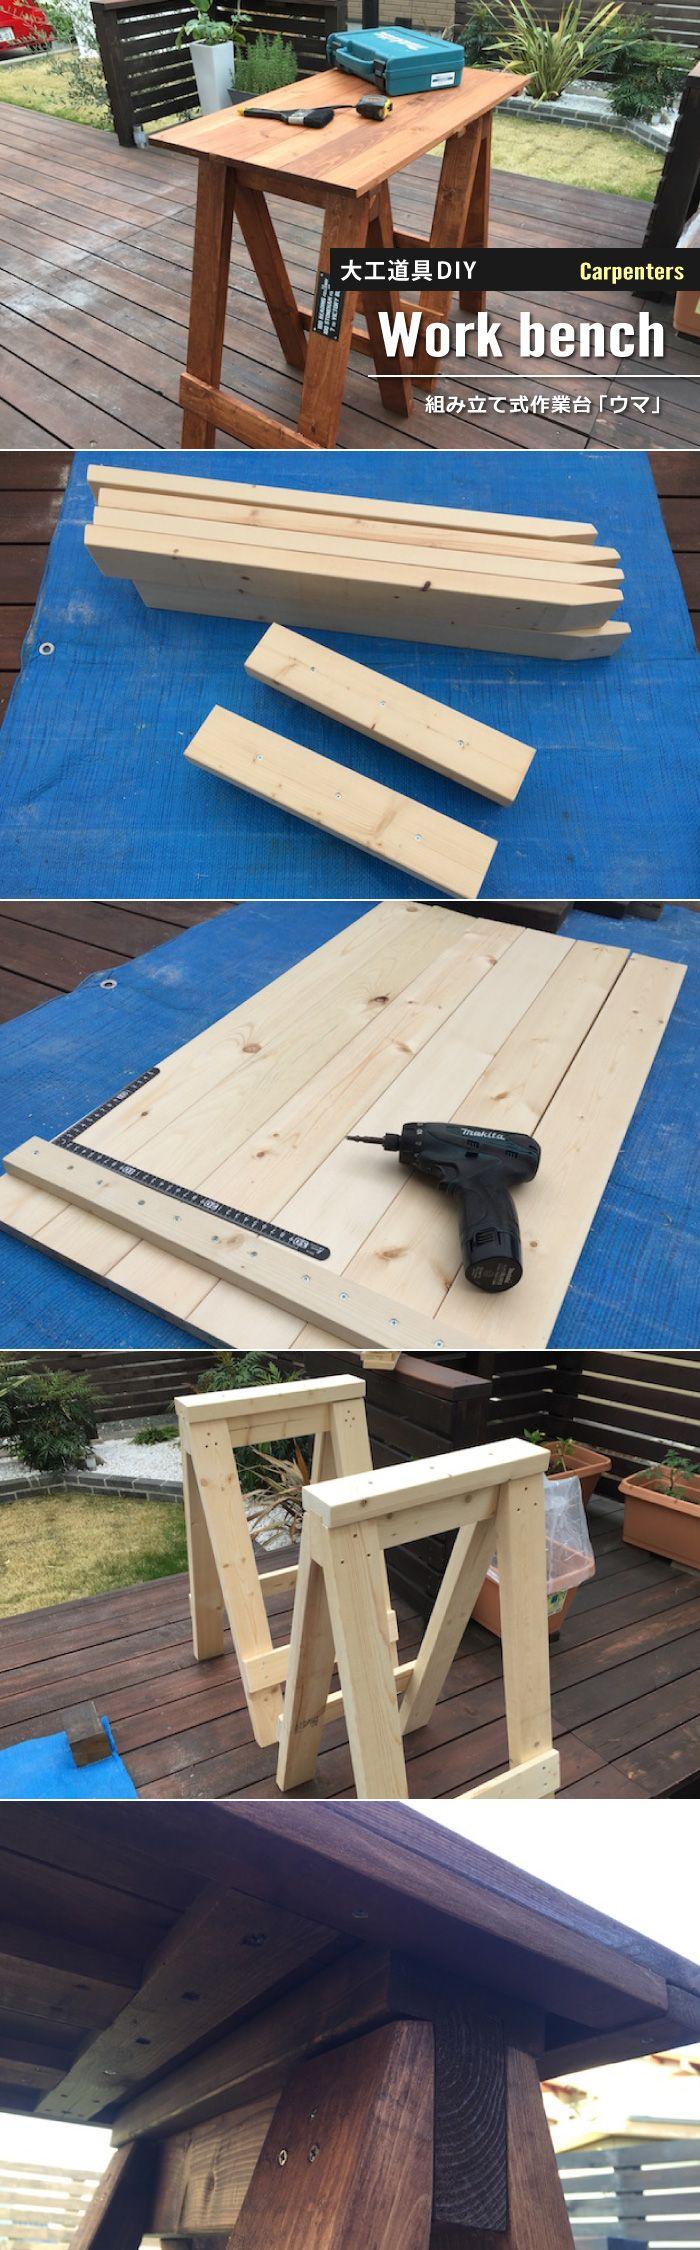 DIYを楽しむために不可欠な作業台を作ろう!組み立て式なので、天板を外せばウマに長物を置くこともできます。サイトでは図面を無料配信中!ぜひご覧ください。#DIY #日曜大工 #自作 #大工道具 #作業台